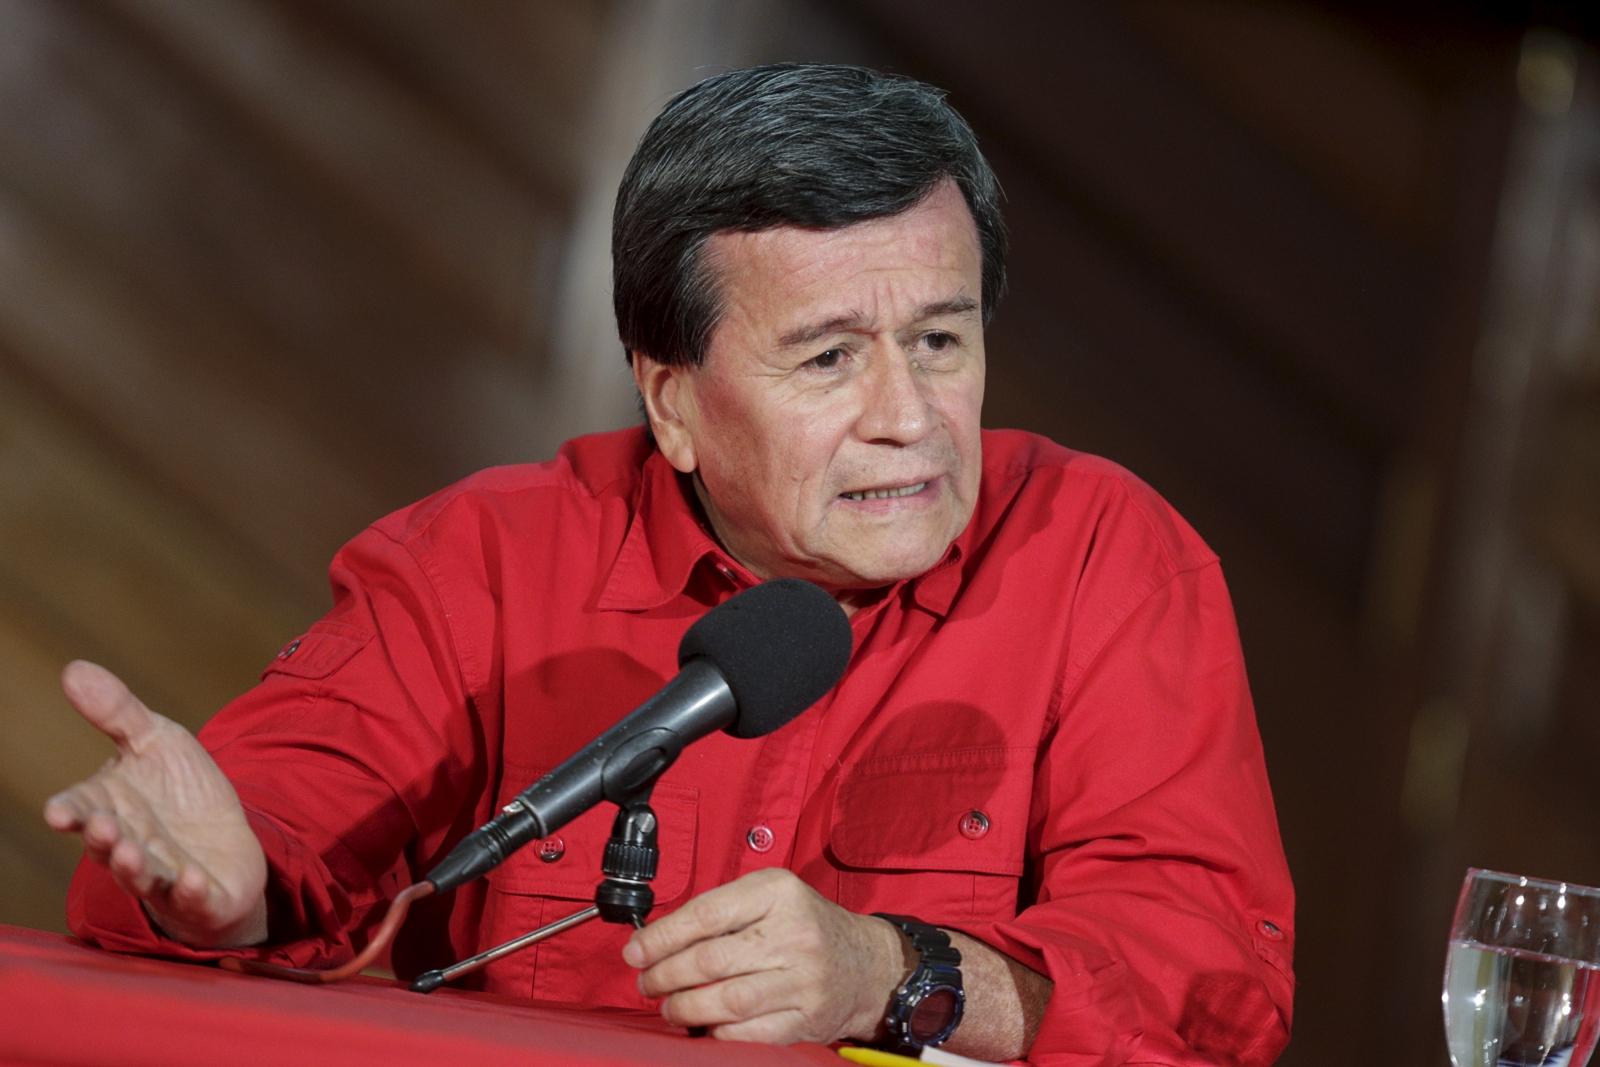 Pablo Beltran, ELN